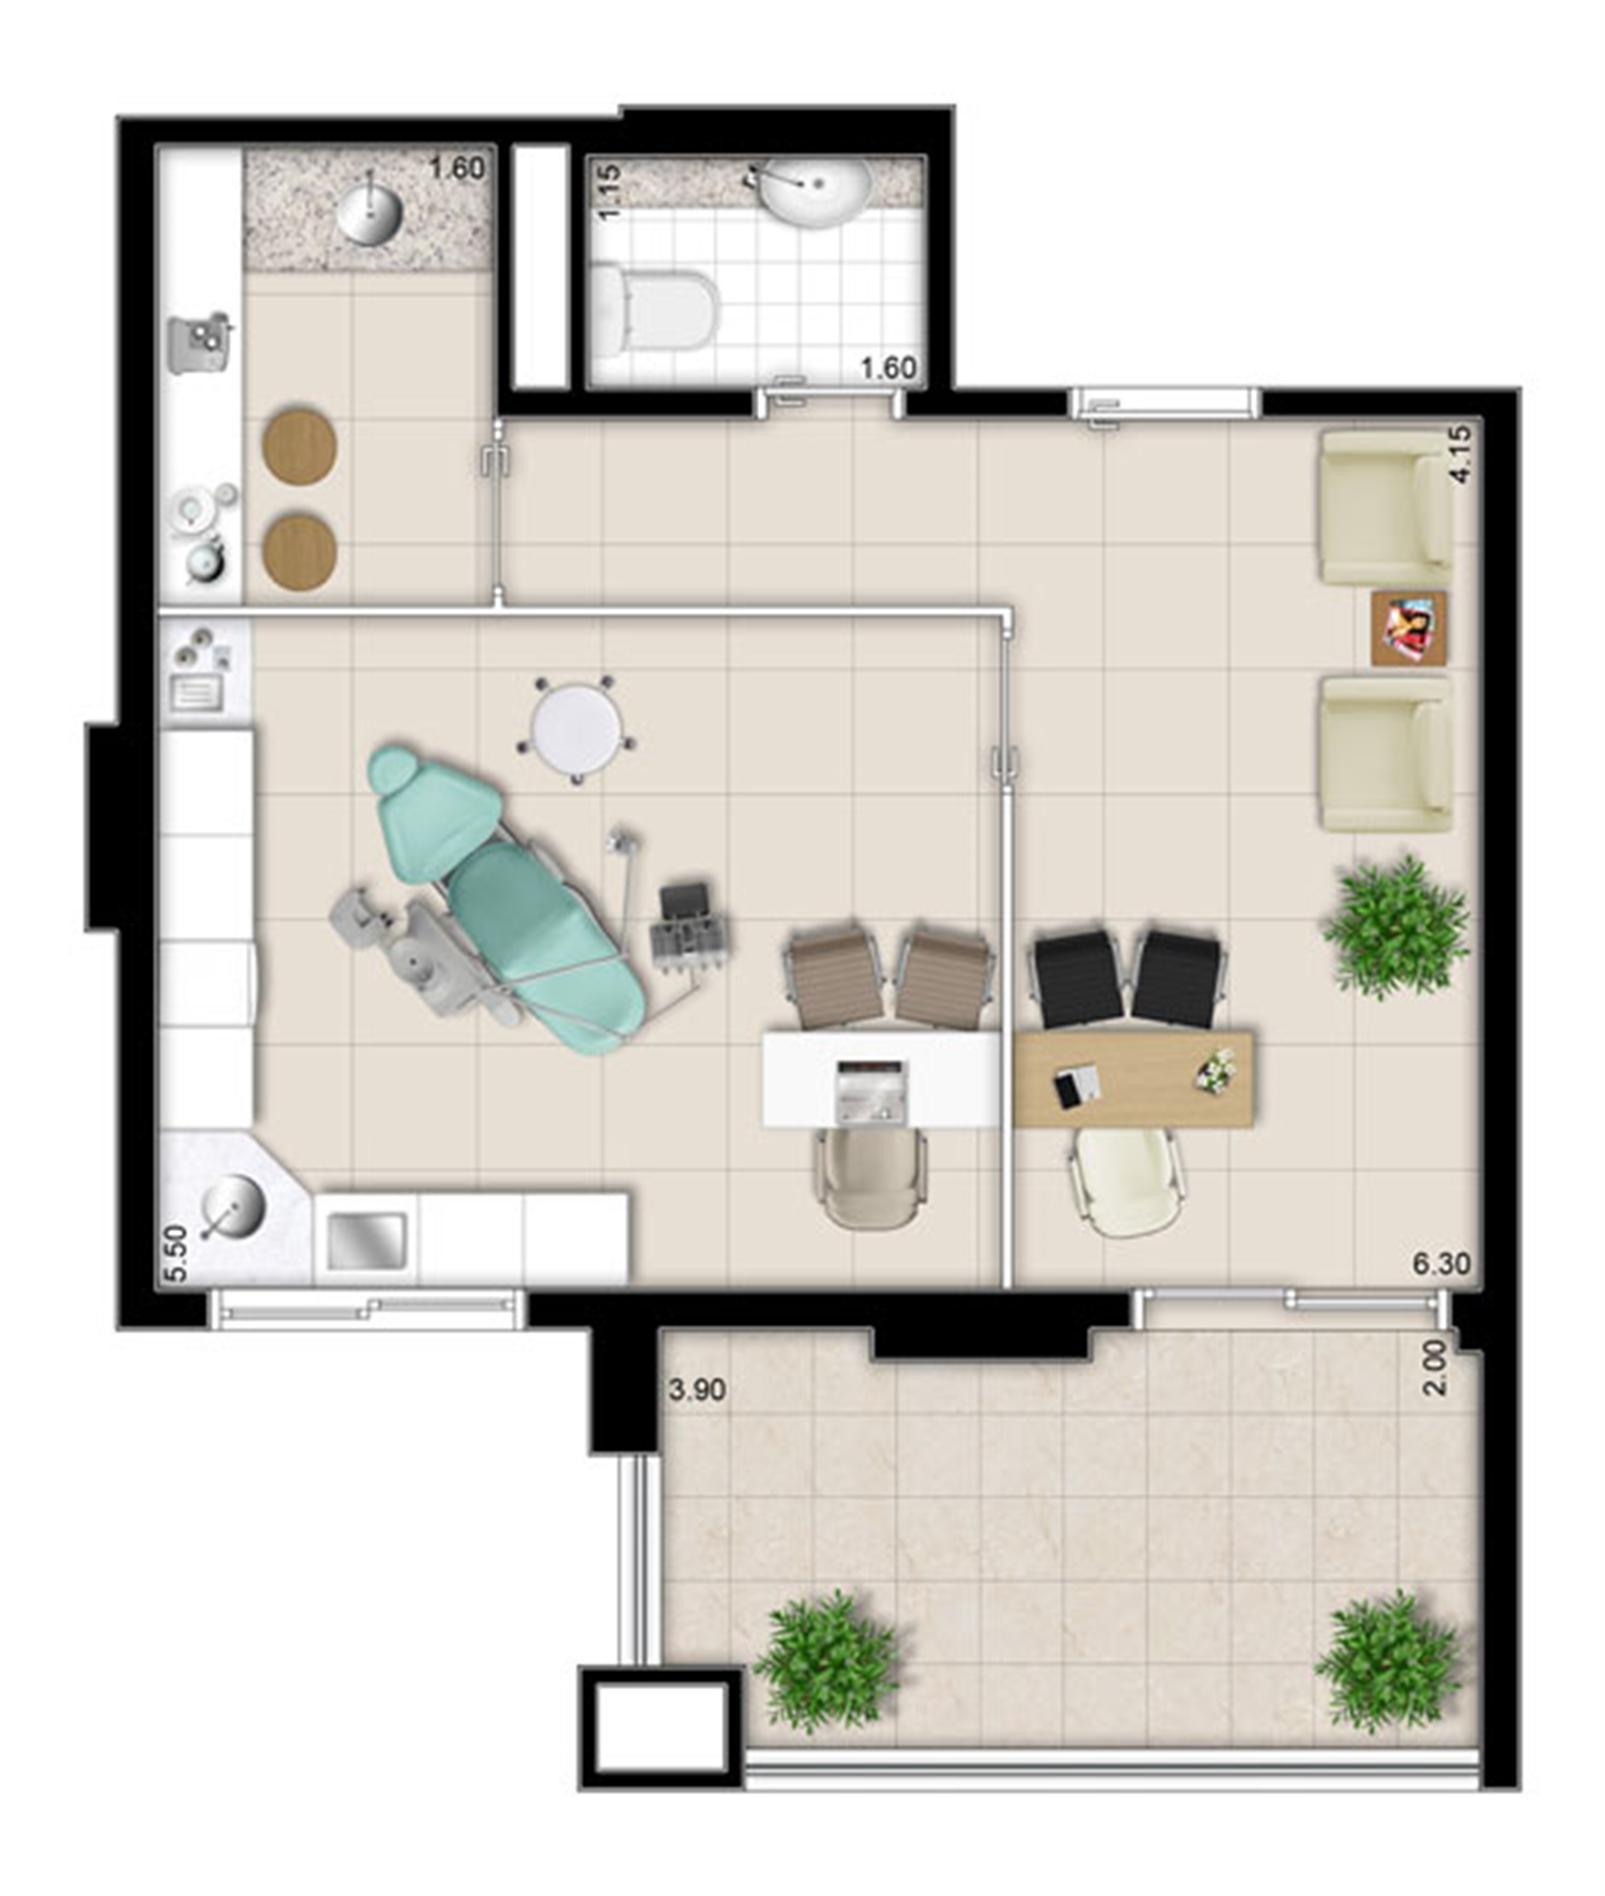 Planta - Tipo ilustrada do escritório de 43 m² privativos | Escritórios Design – Salas Comerciaisno  Cambuí - Campinas - São Paulo